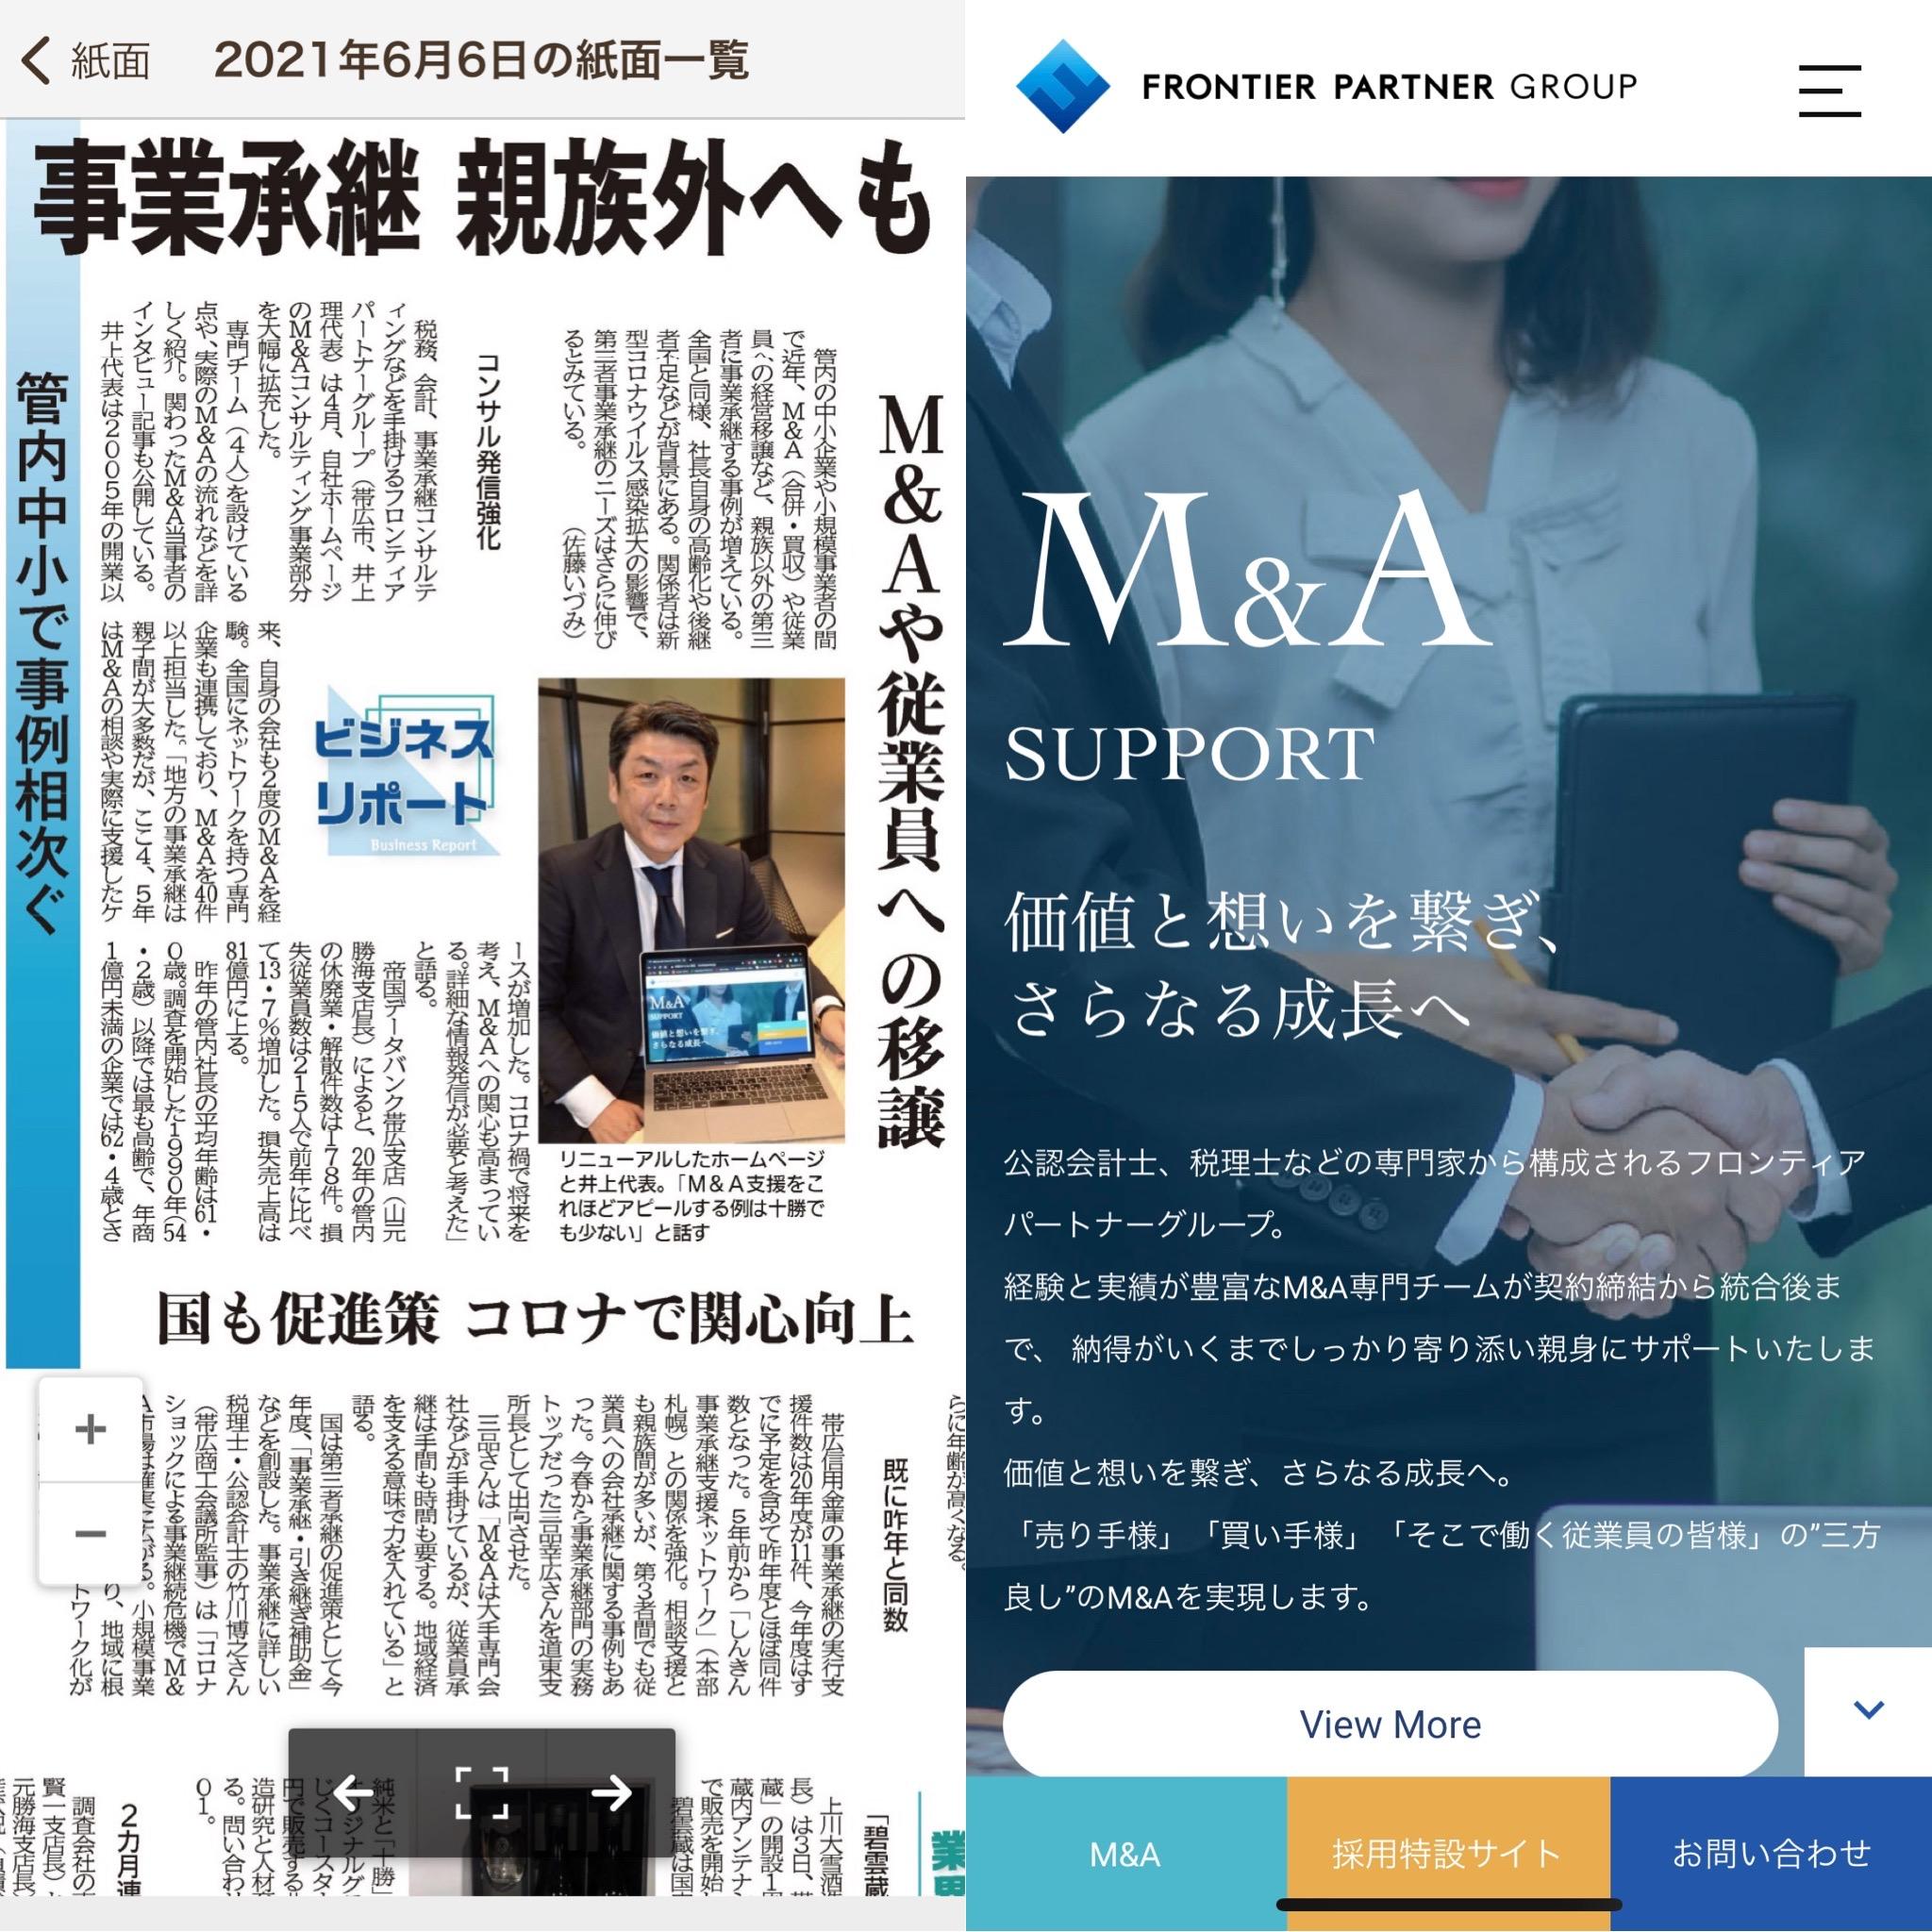 今、M&Aが熱い!井上代表、地元紙の取材を受ける。